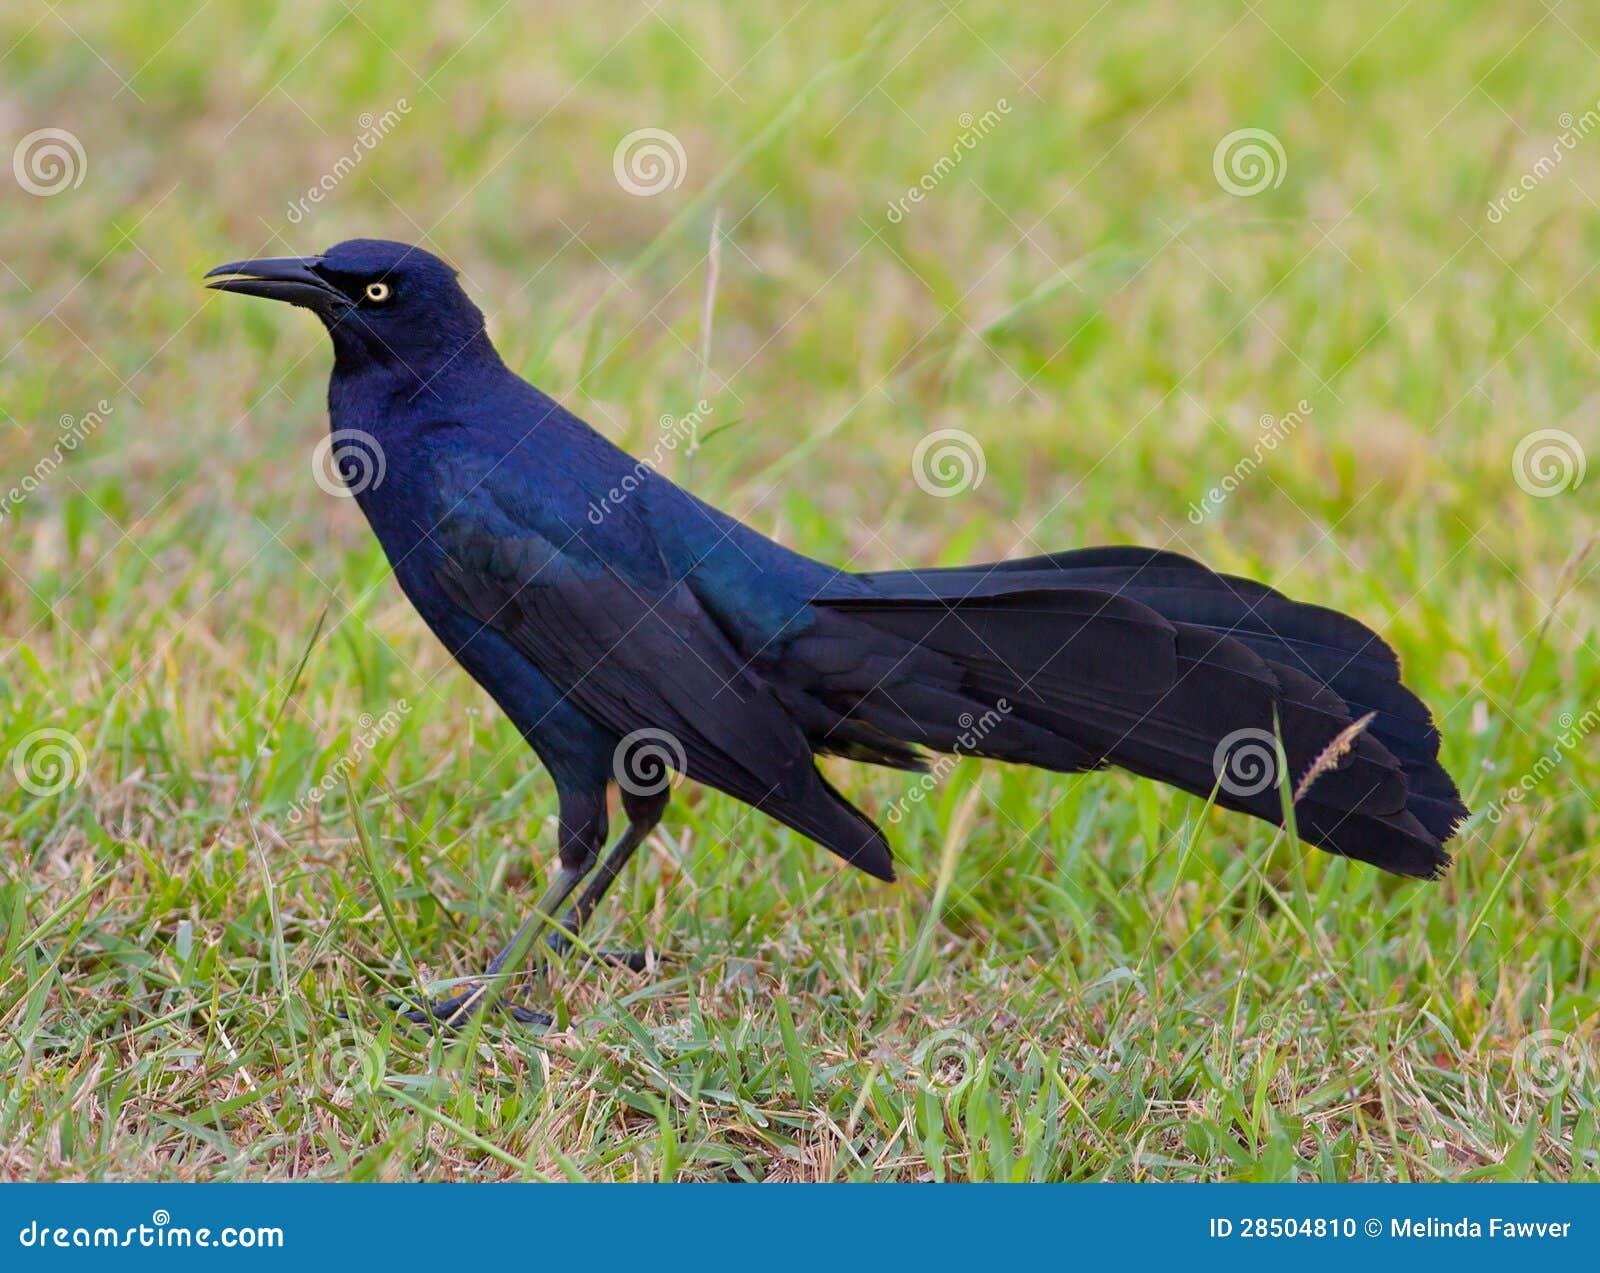 Download Grackle stock photo. Image of grackle, black, bird, side - 28504810